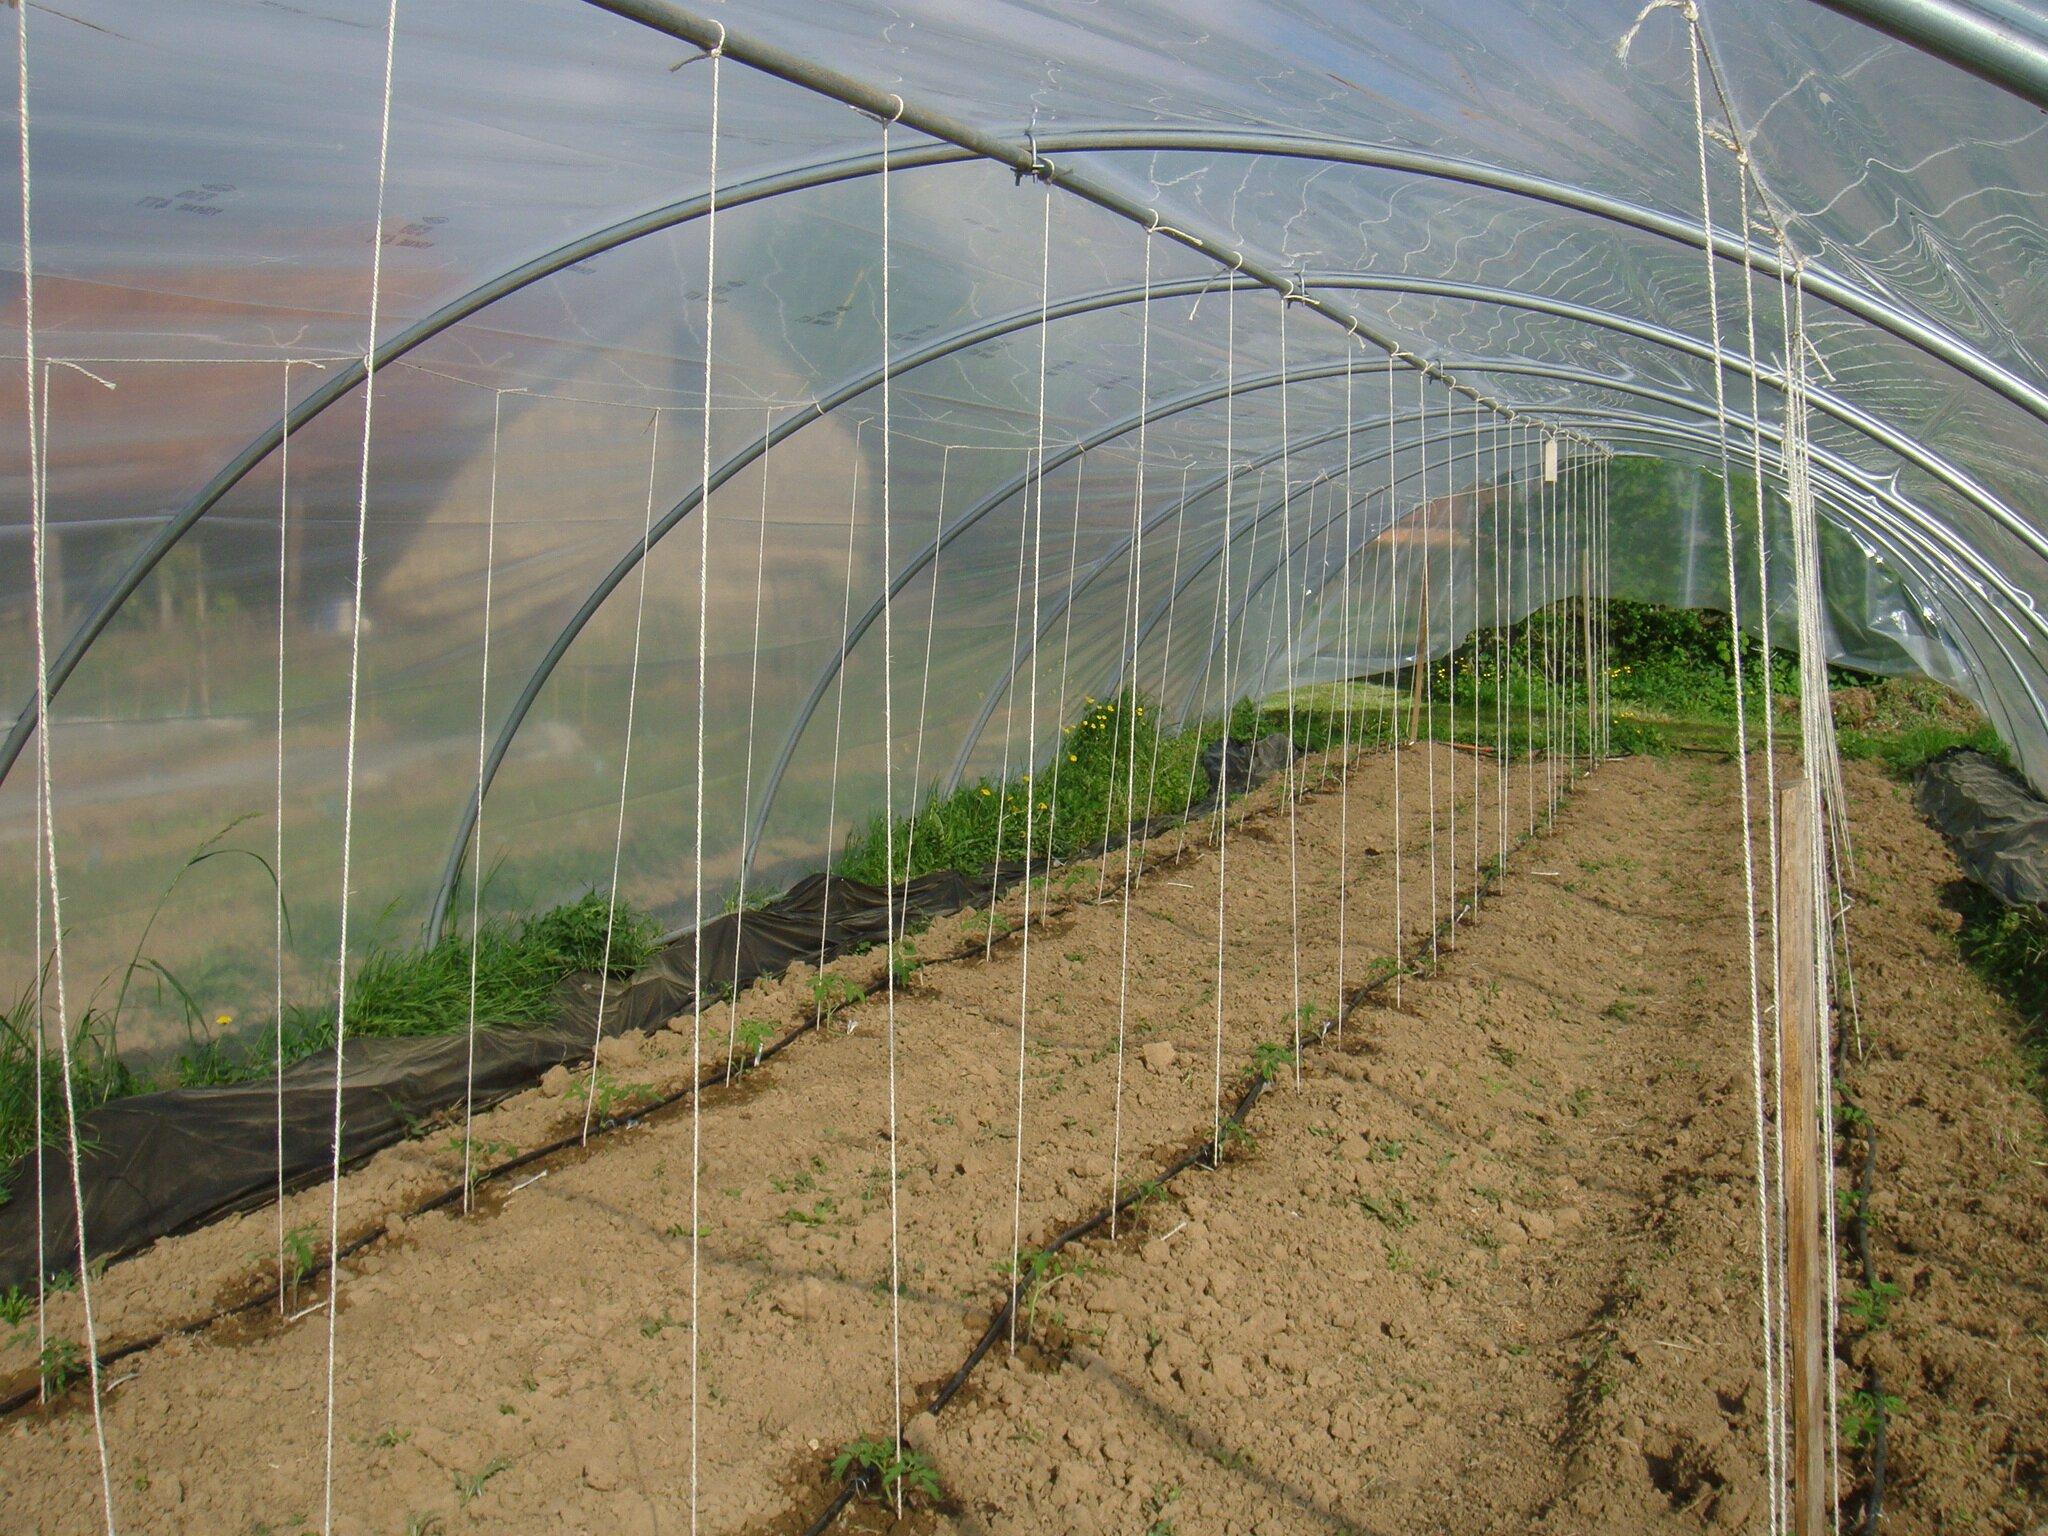 Je cultive donc je pense b n dicte la campagne - Comment faire grossir les tomates ...